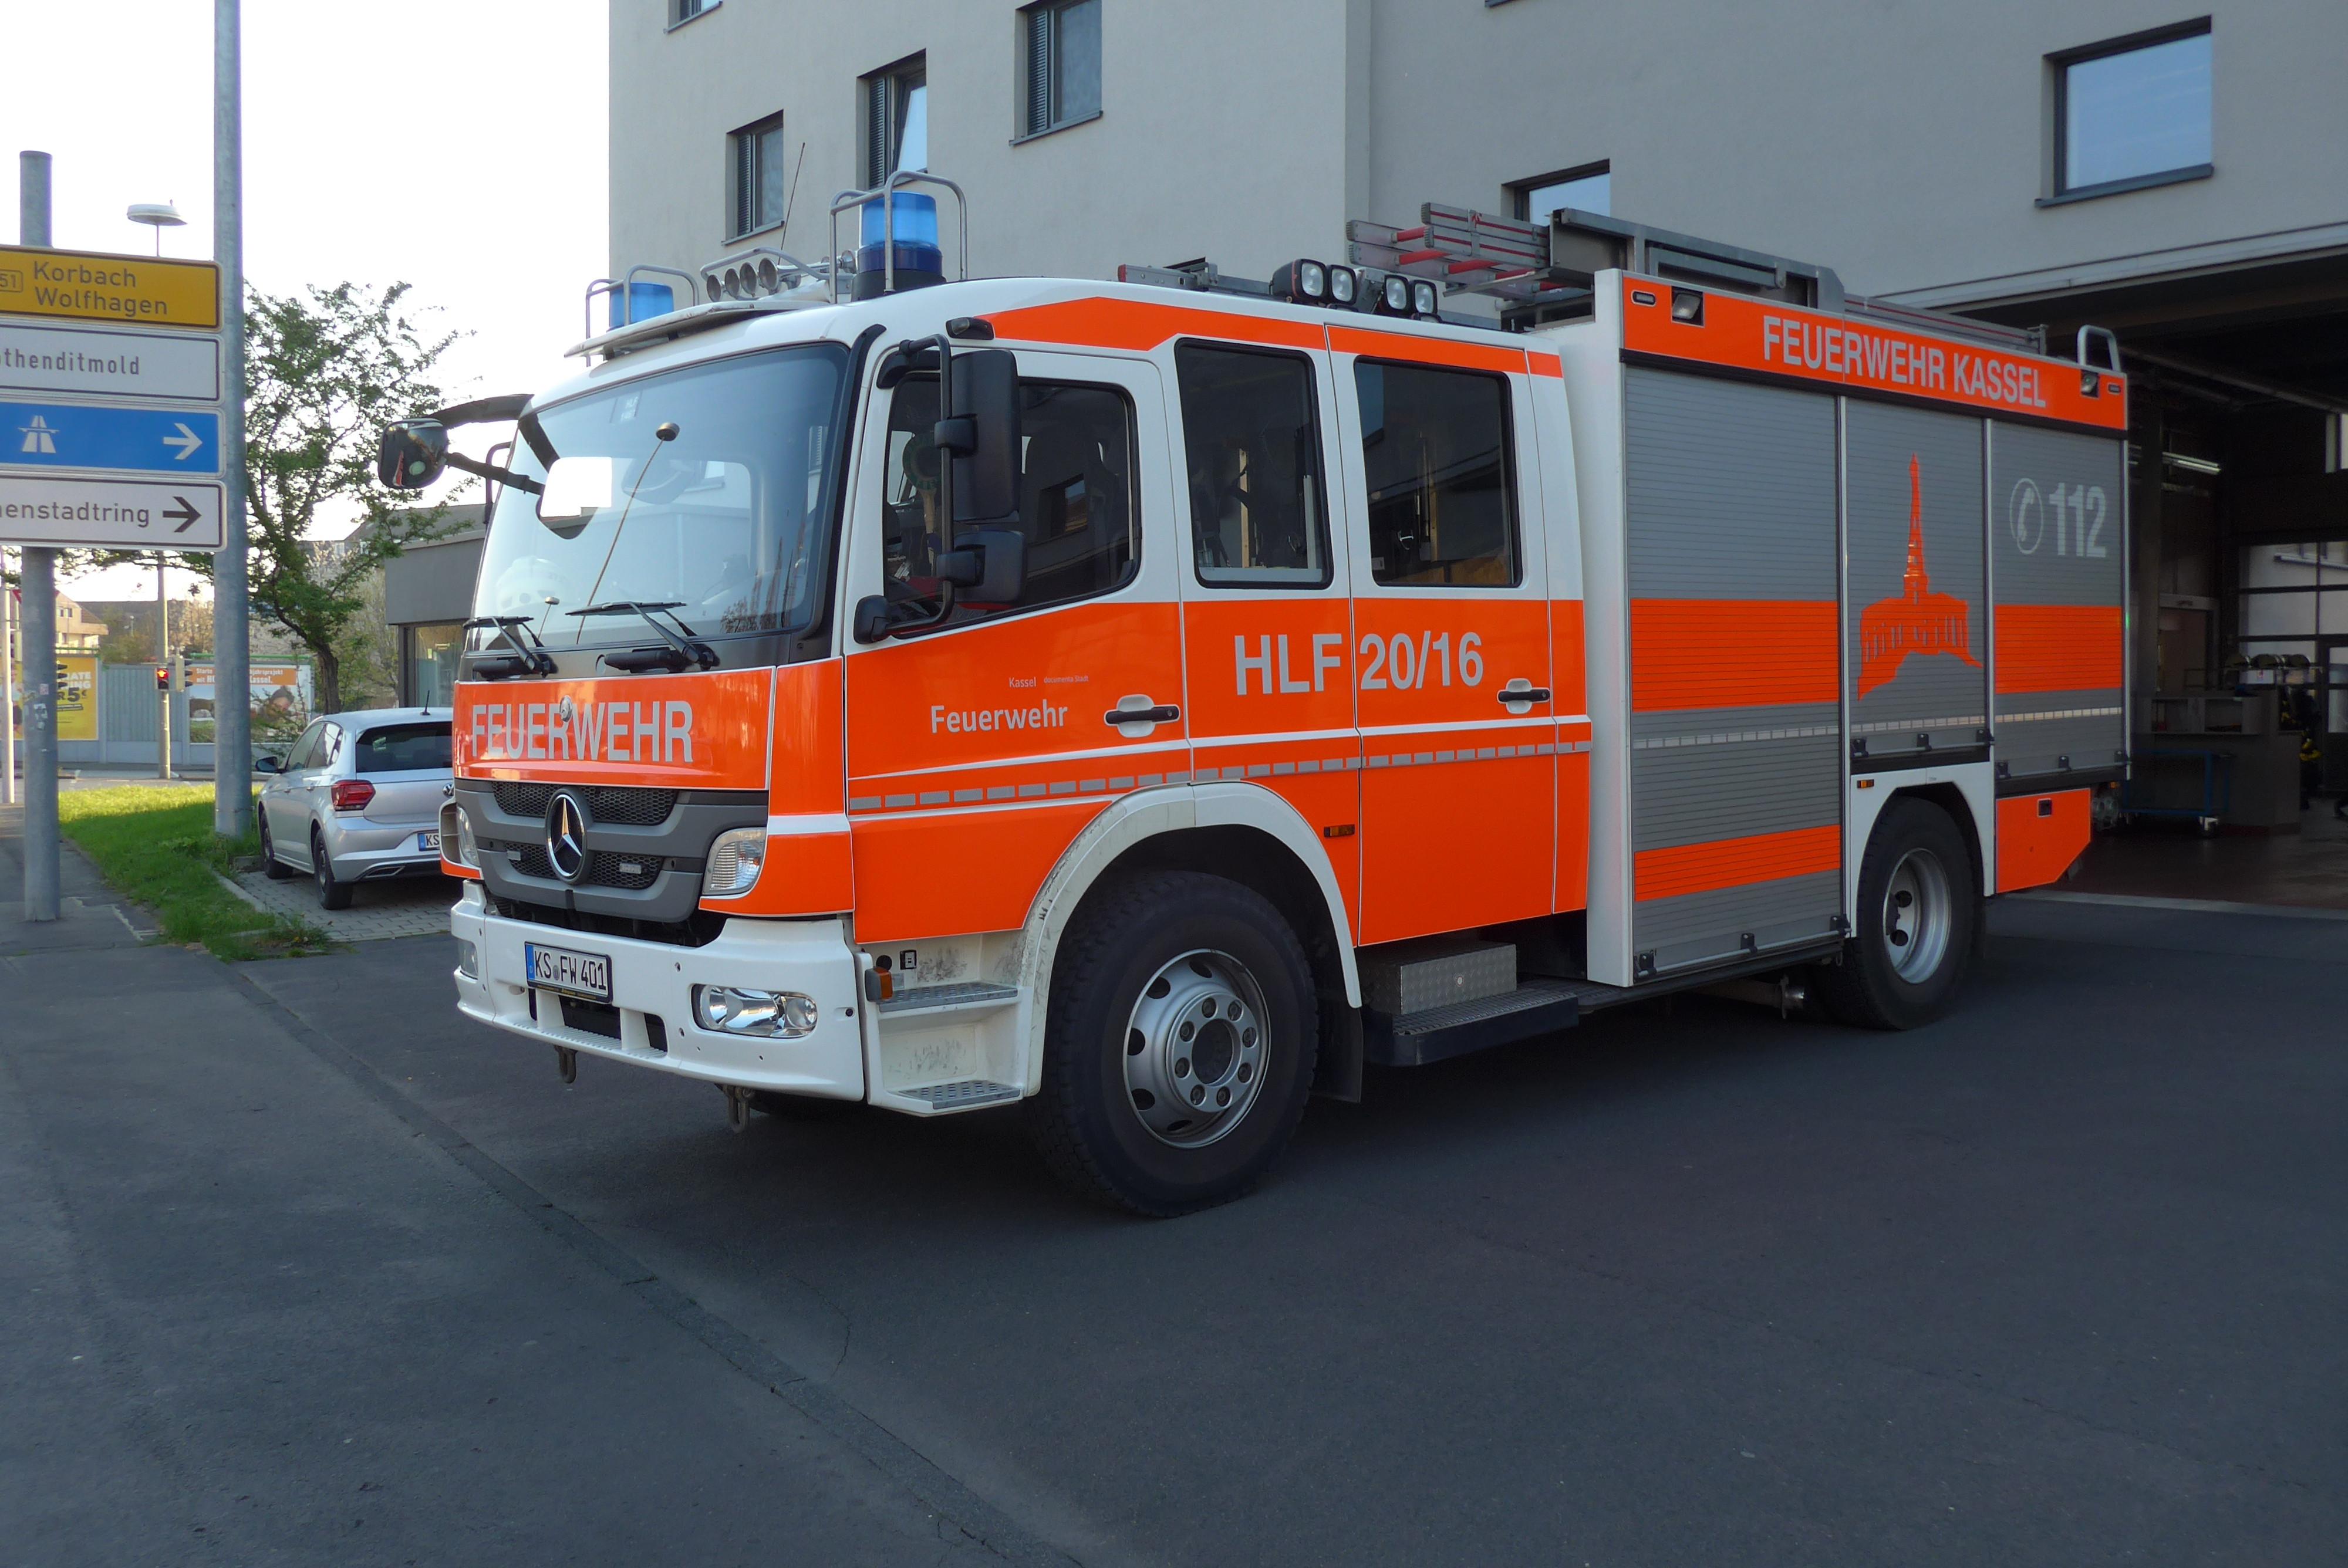 Rietze MB Atego 10 HLF 20/16 Feuerwehr Kassel (BF), (Vorbestellung / Modell noch nicht lieferbar !!)